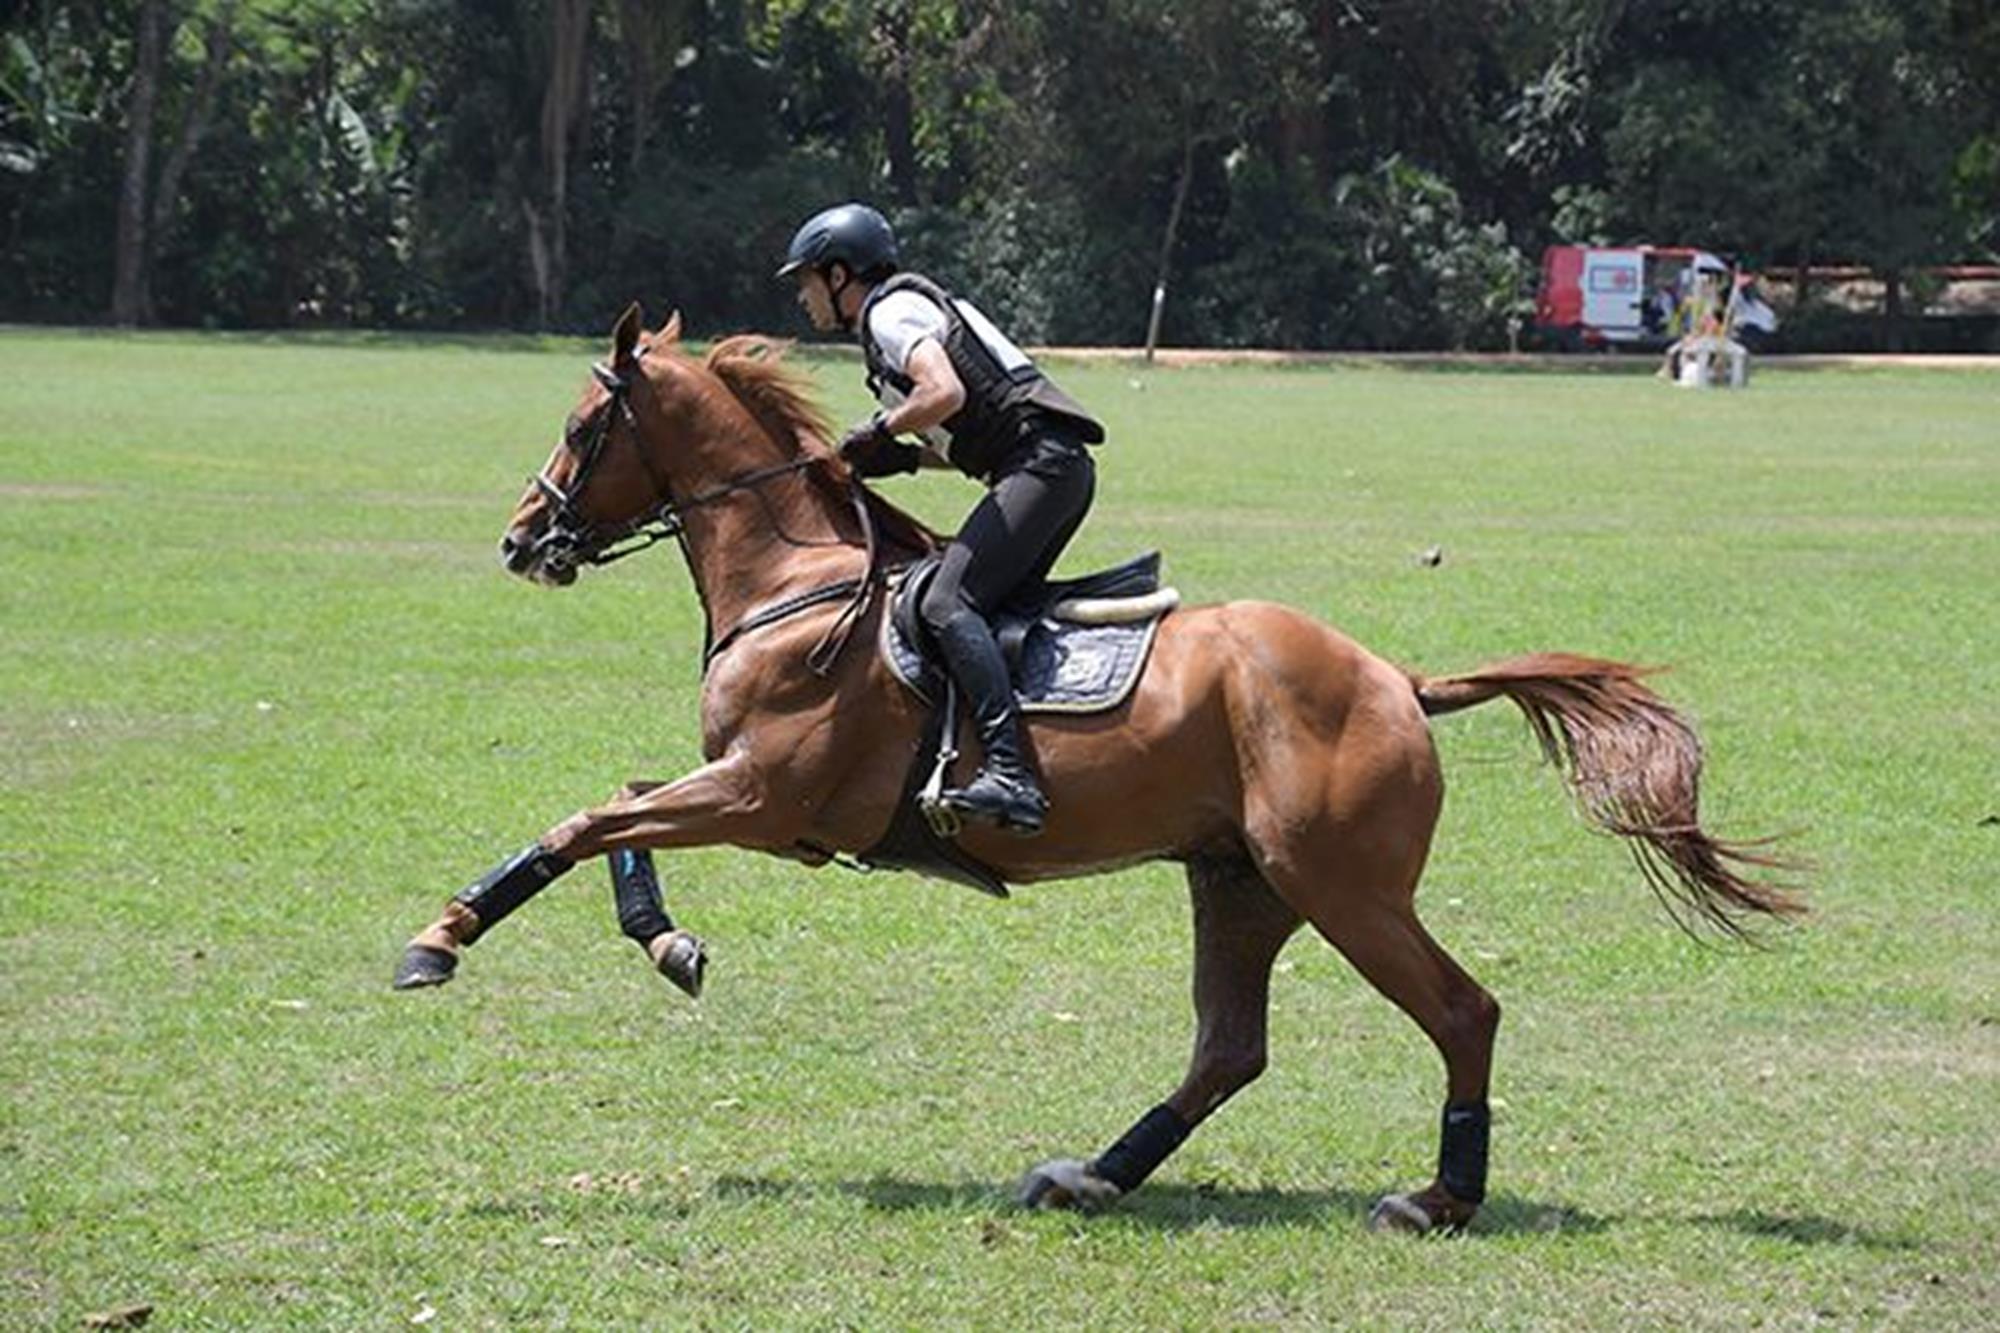 O estreante e cavaleiro santamarense de Salto Pedro Henrique Maia de Oliveira com El Guapo,  cedido por Léo Fernandes,  foi 5º na classificação geral, Duílio Andrade/Assessoria, O OURO DA CASA